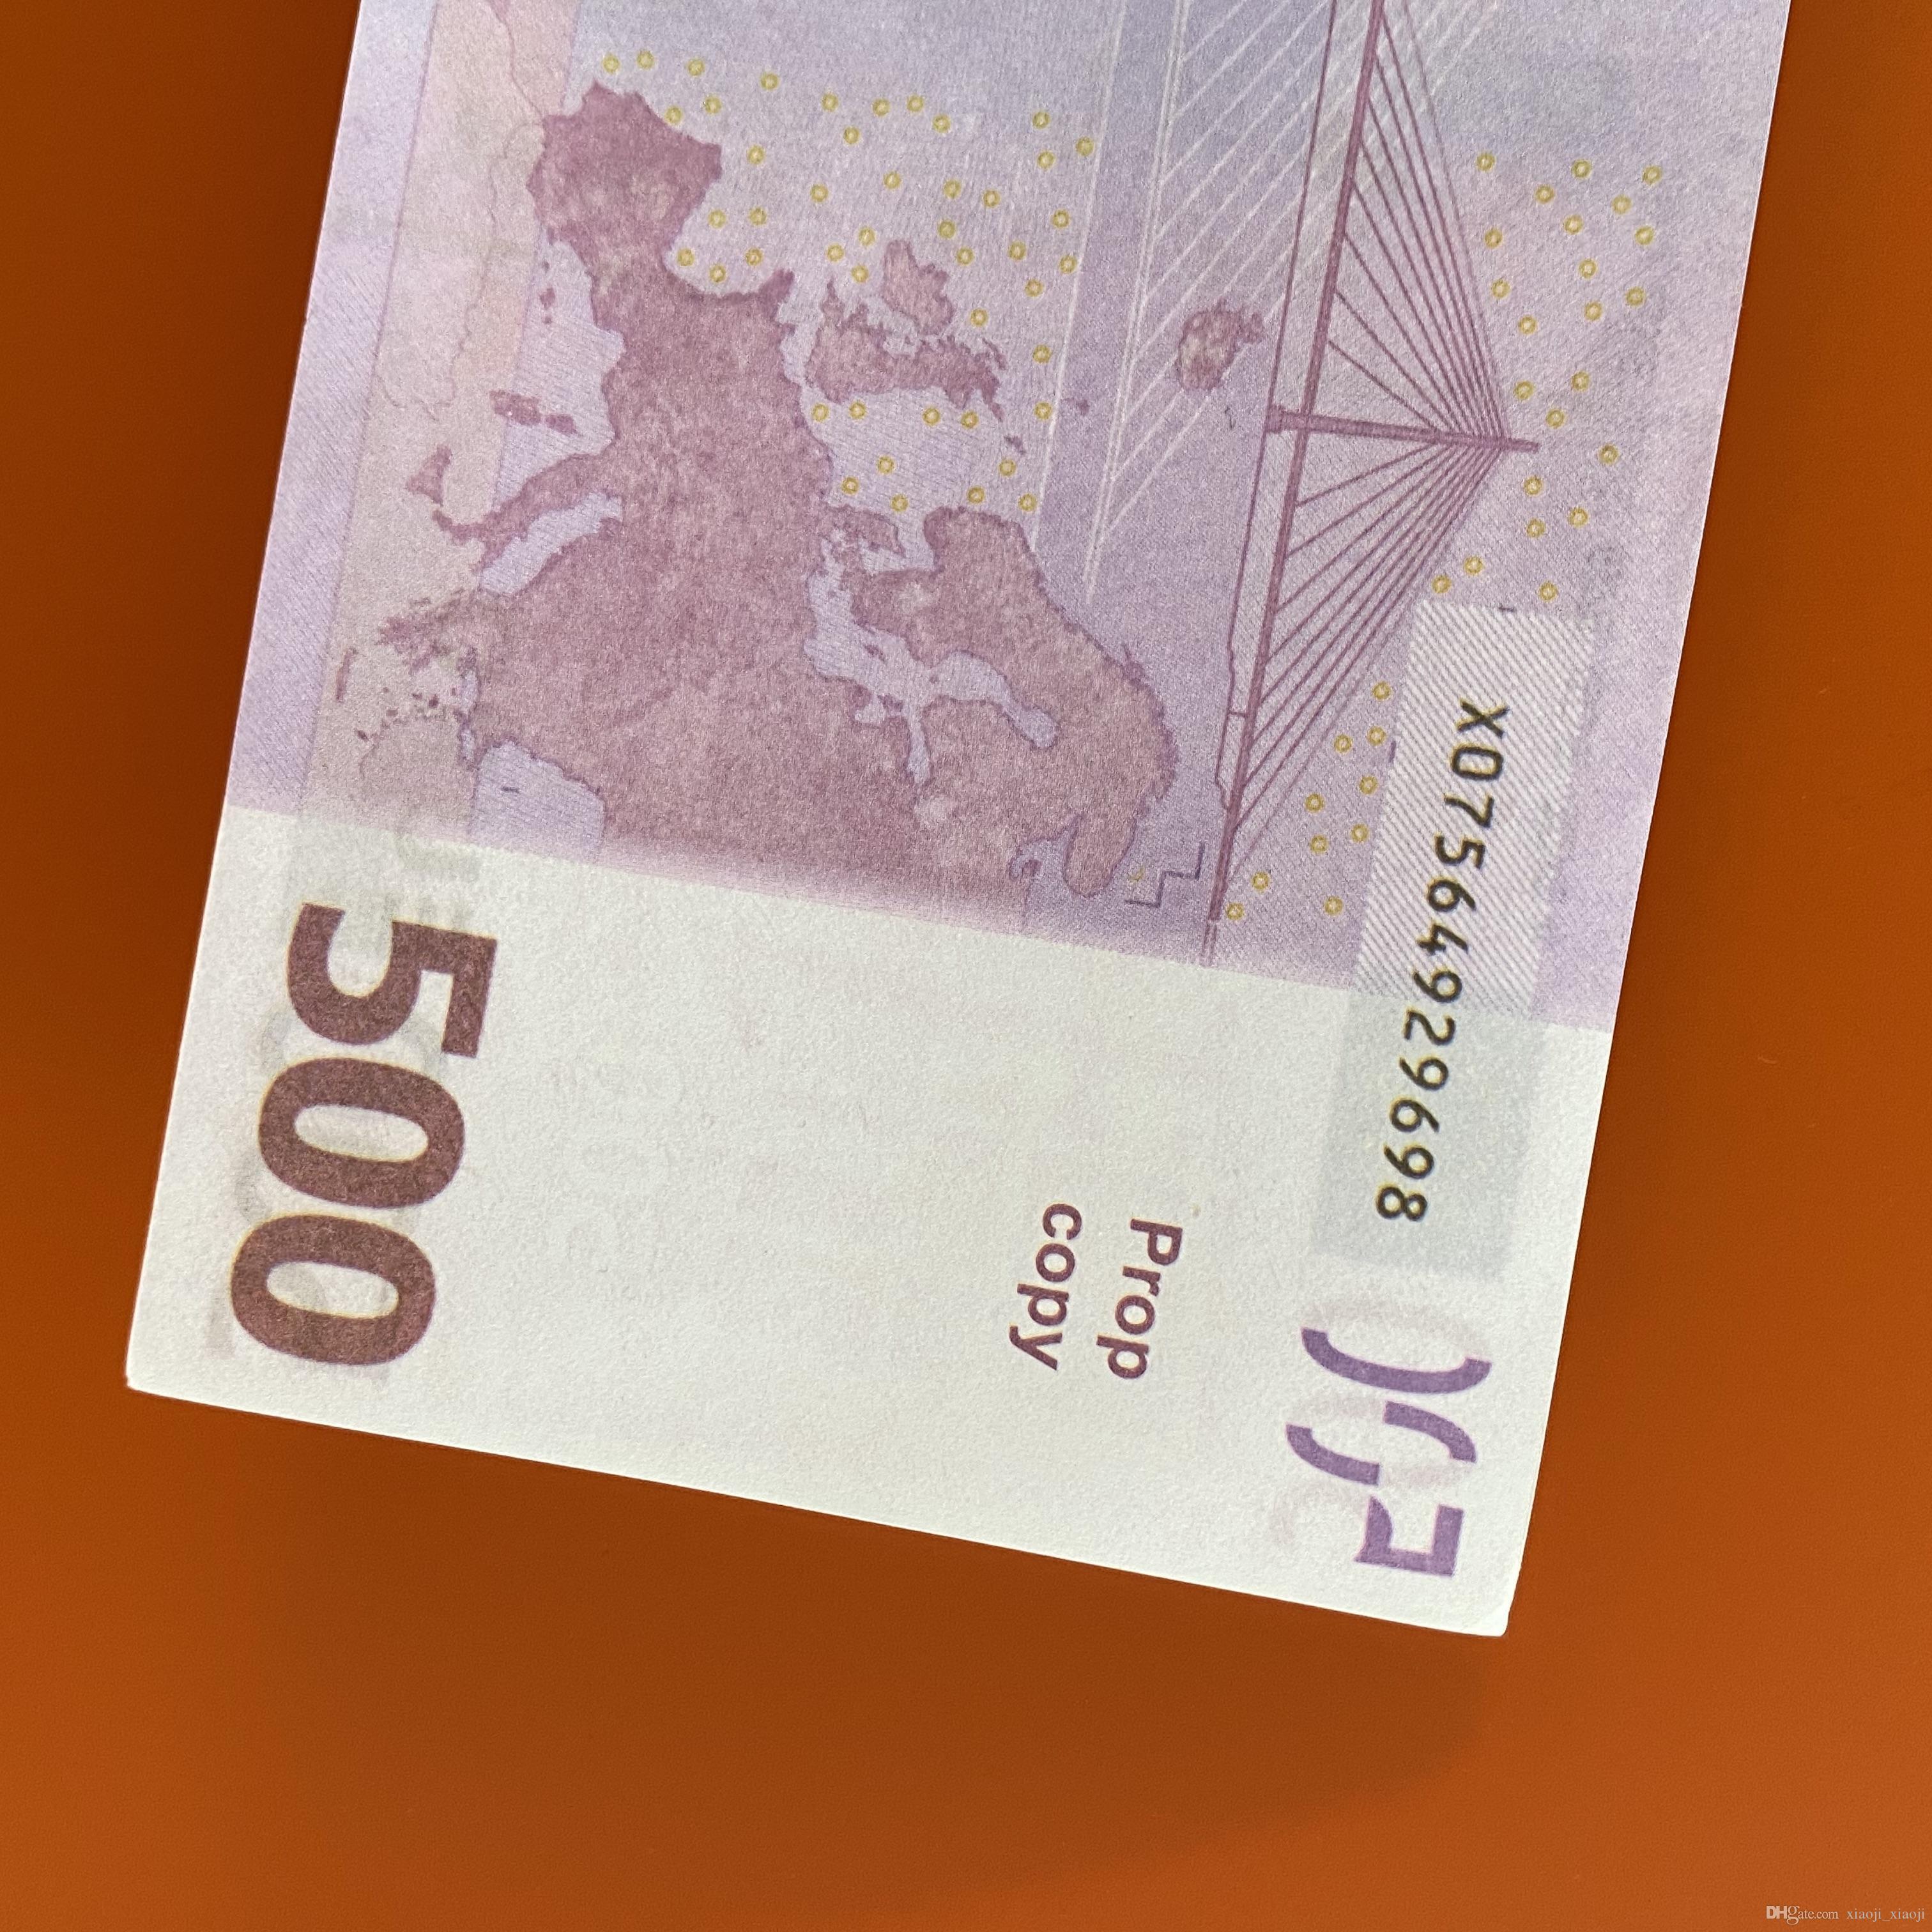 Игра 100 Шт. / Упаковка или PROP Семья Денежная бумага США Toy320 / Евро / Доллар Дети Большинство копией Реалистичные банкноты FRJFA